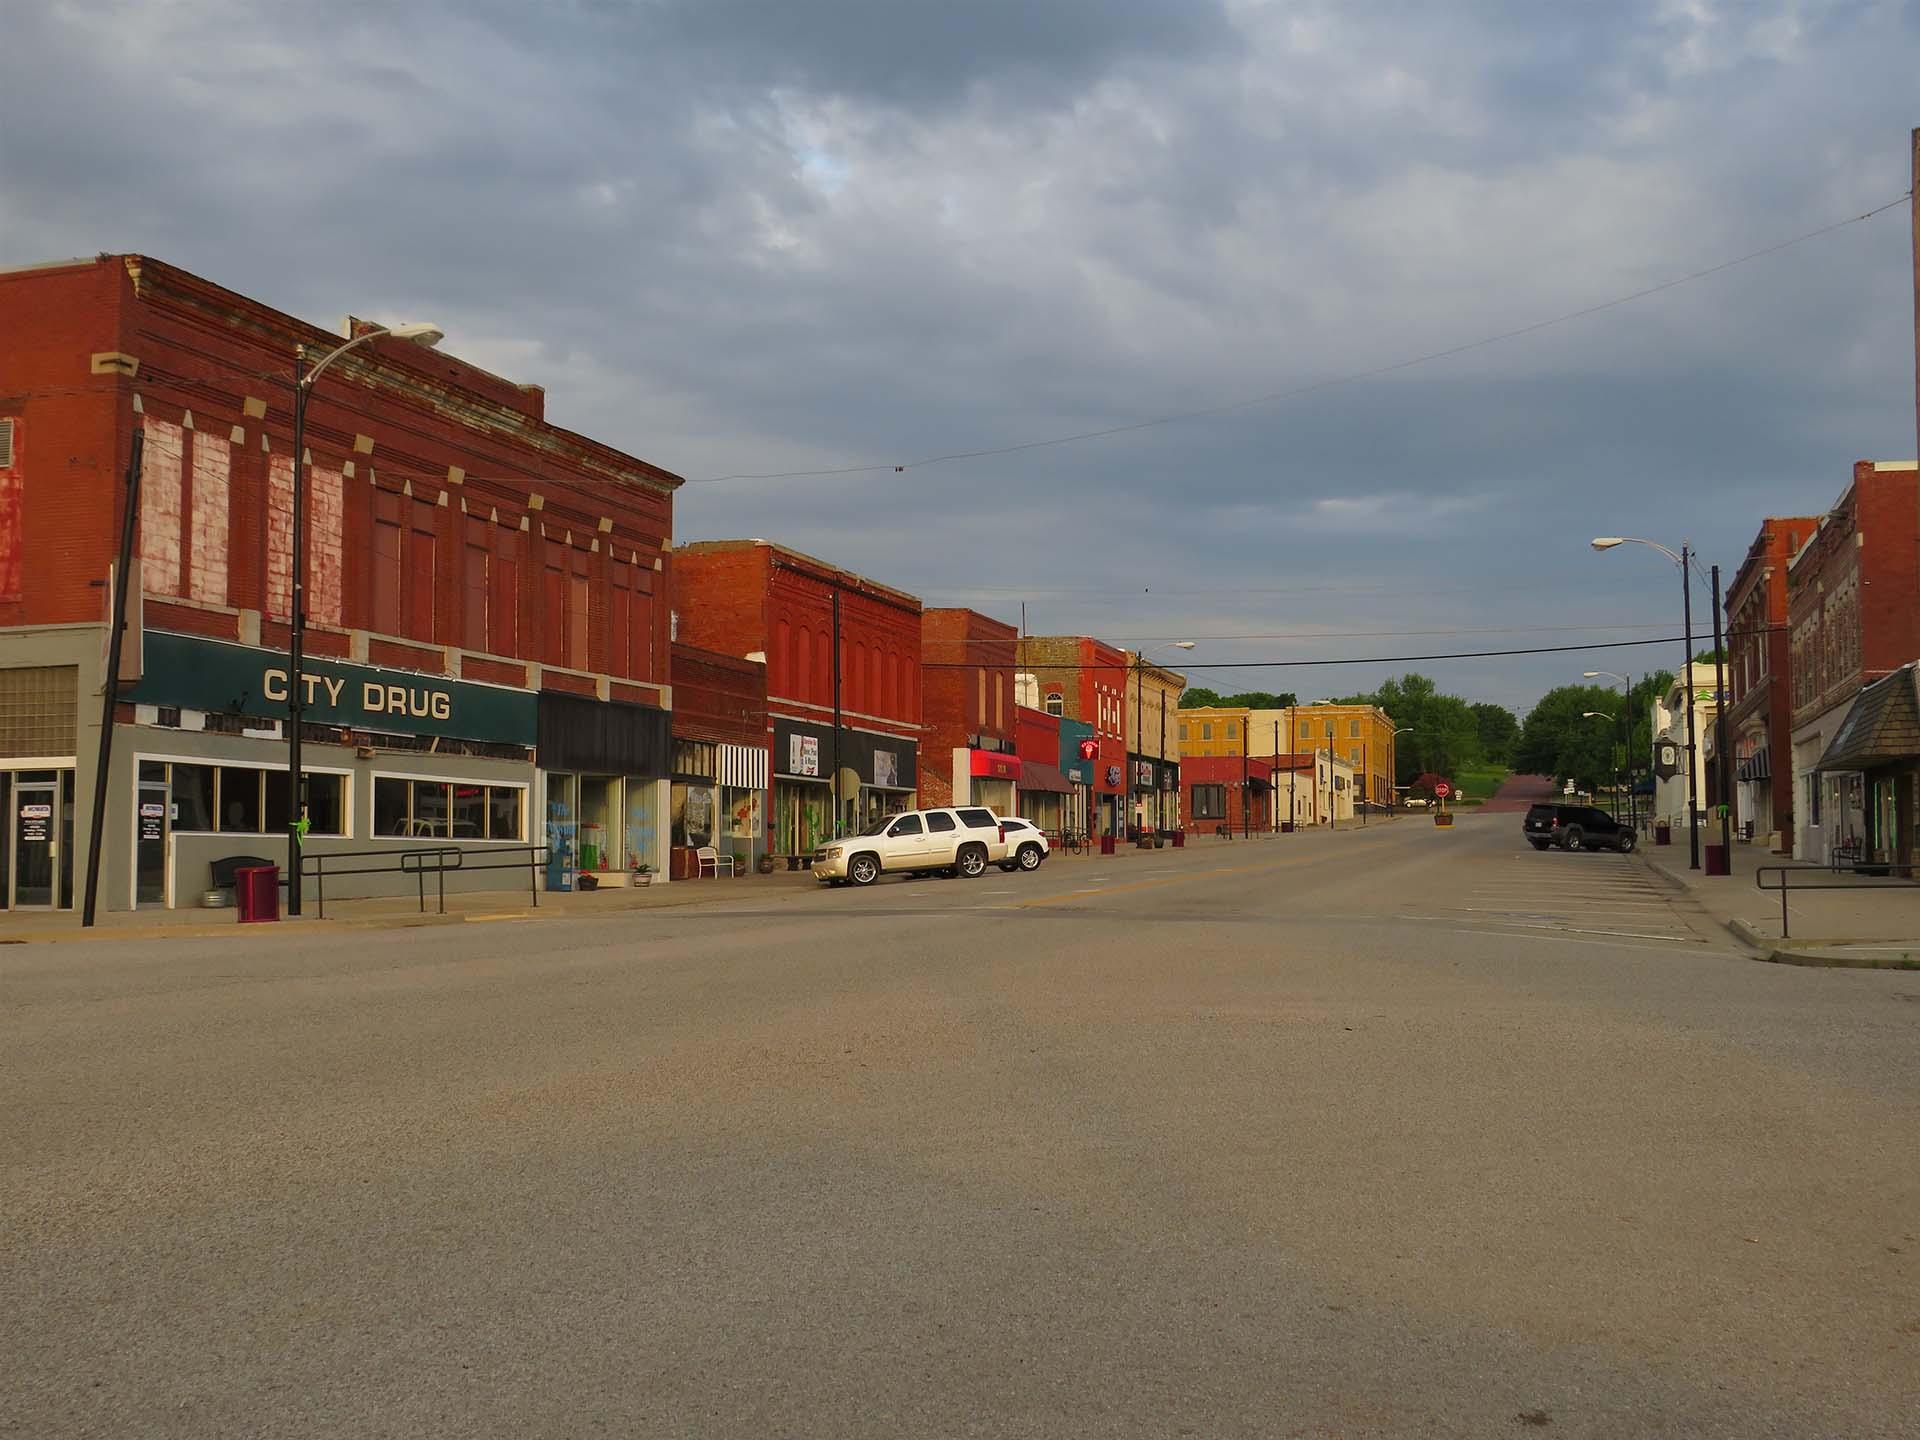 Downtown Nowata, Oklahoma